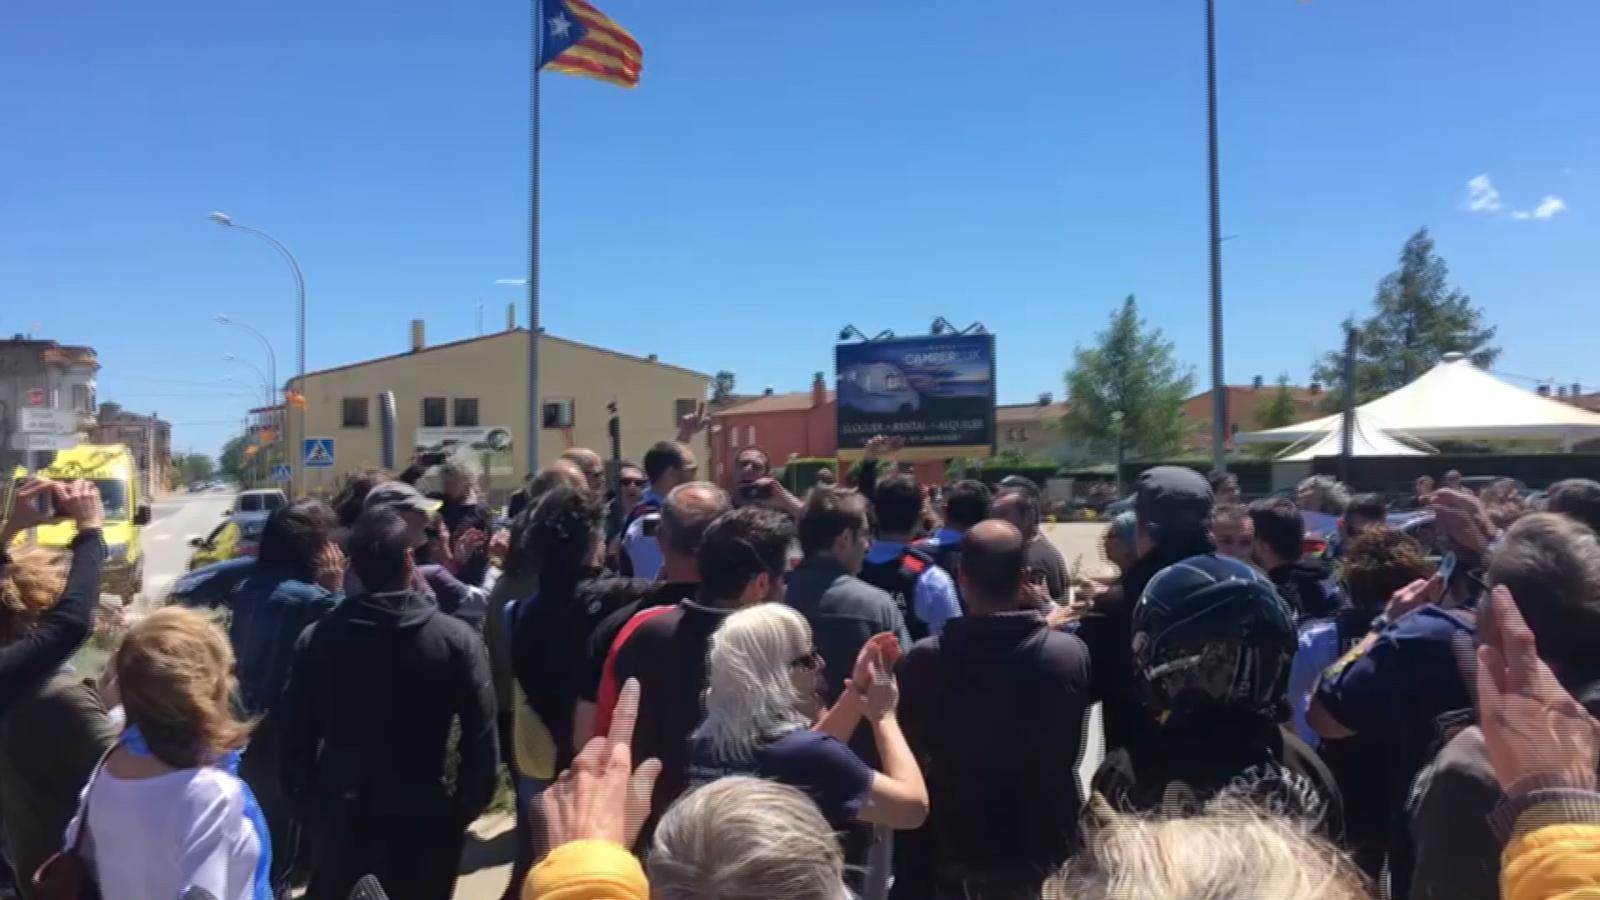 Desplegament dels Mossos d'Esquadra a Verges per l'enfrontament entre l'ultradreta i independentistes